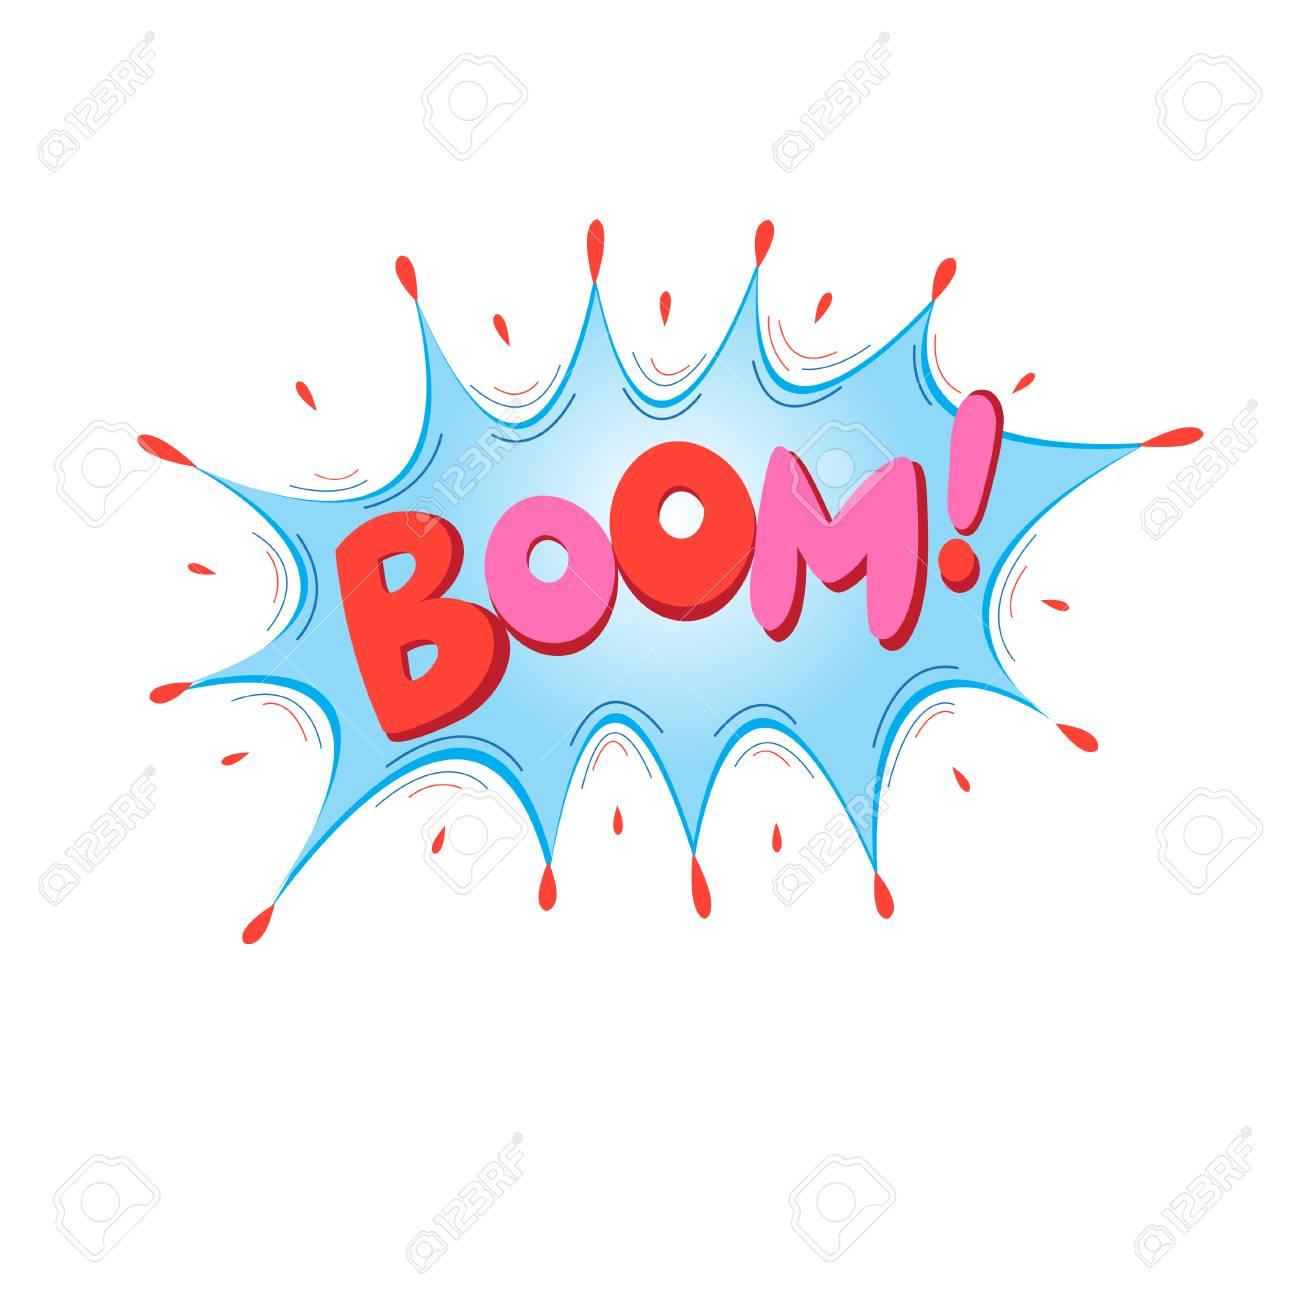 Rotulação Boom Bomba Efeitos Sonoros De Texto Em Quadrinhos Frase De Discurso De Bolha De ícone De Vetor Expressão De Marca De Rótulo De Fonte